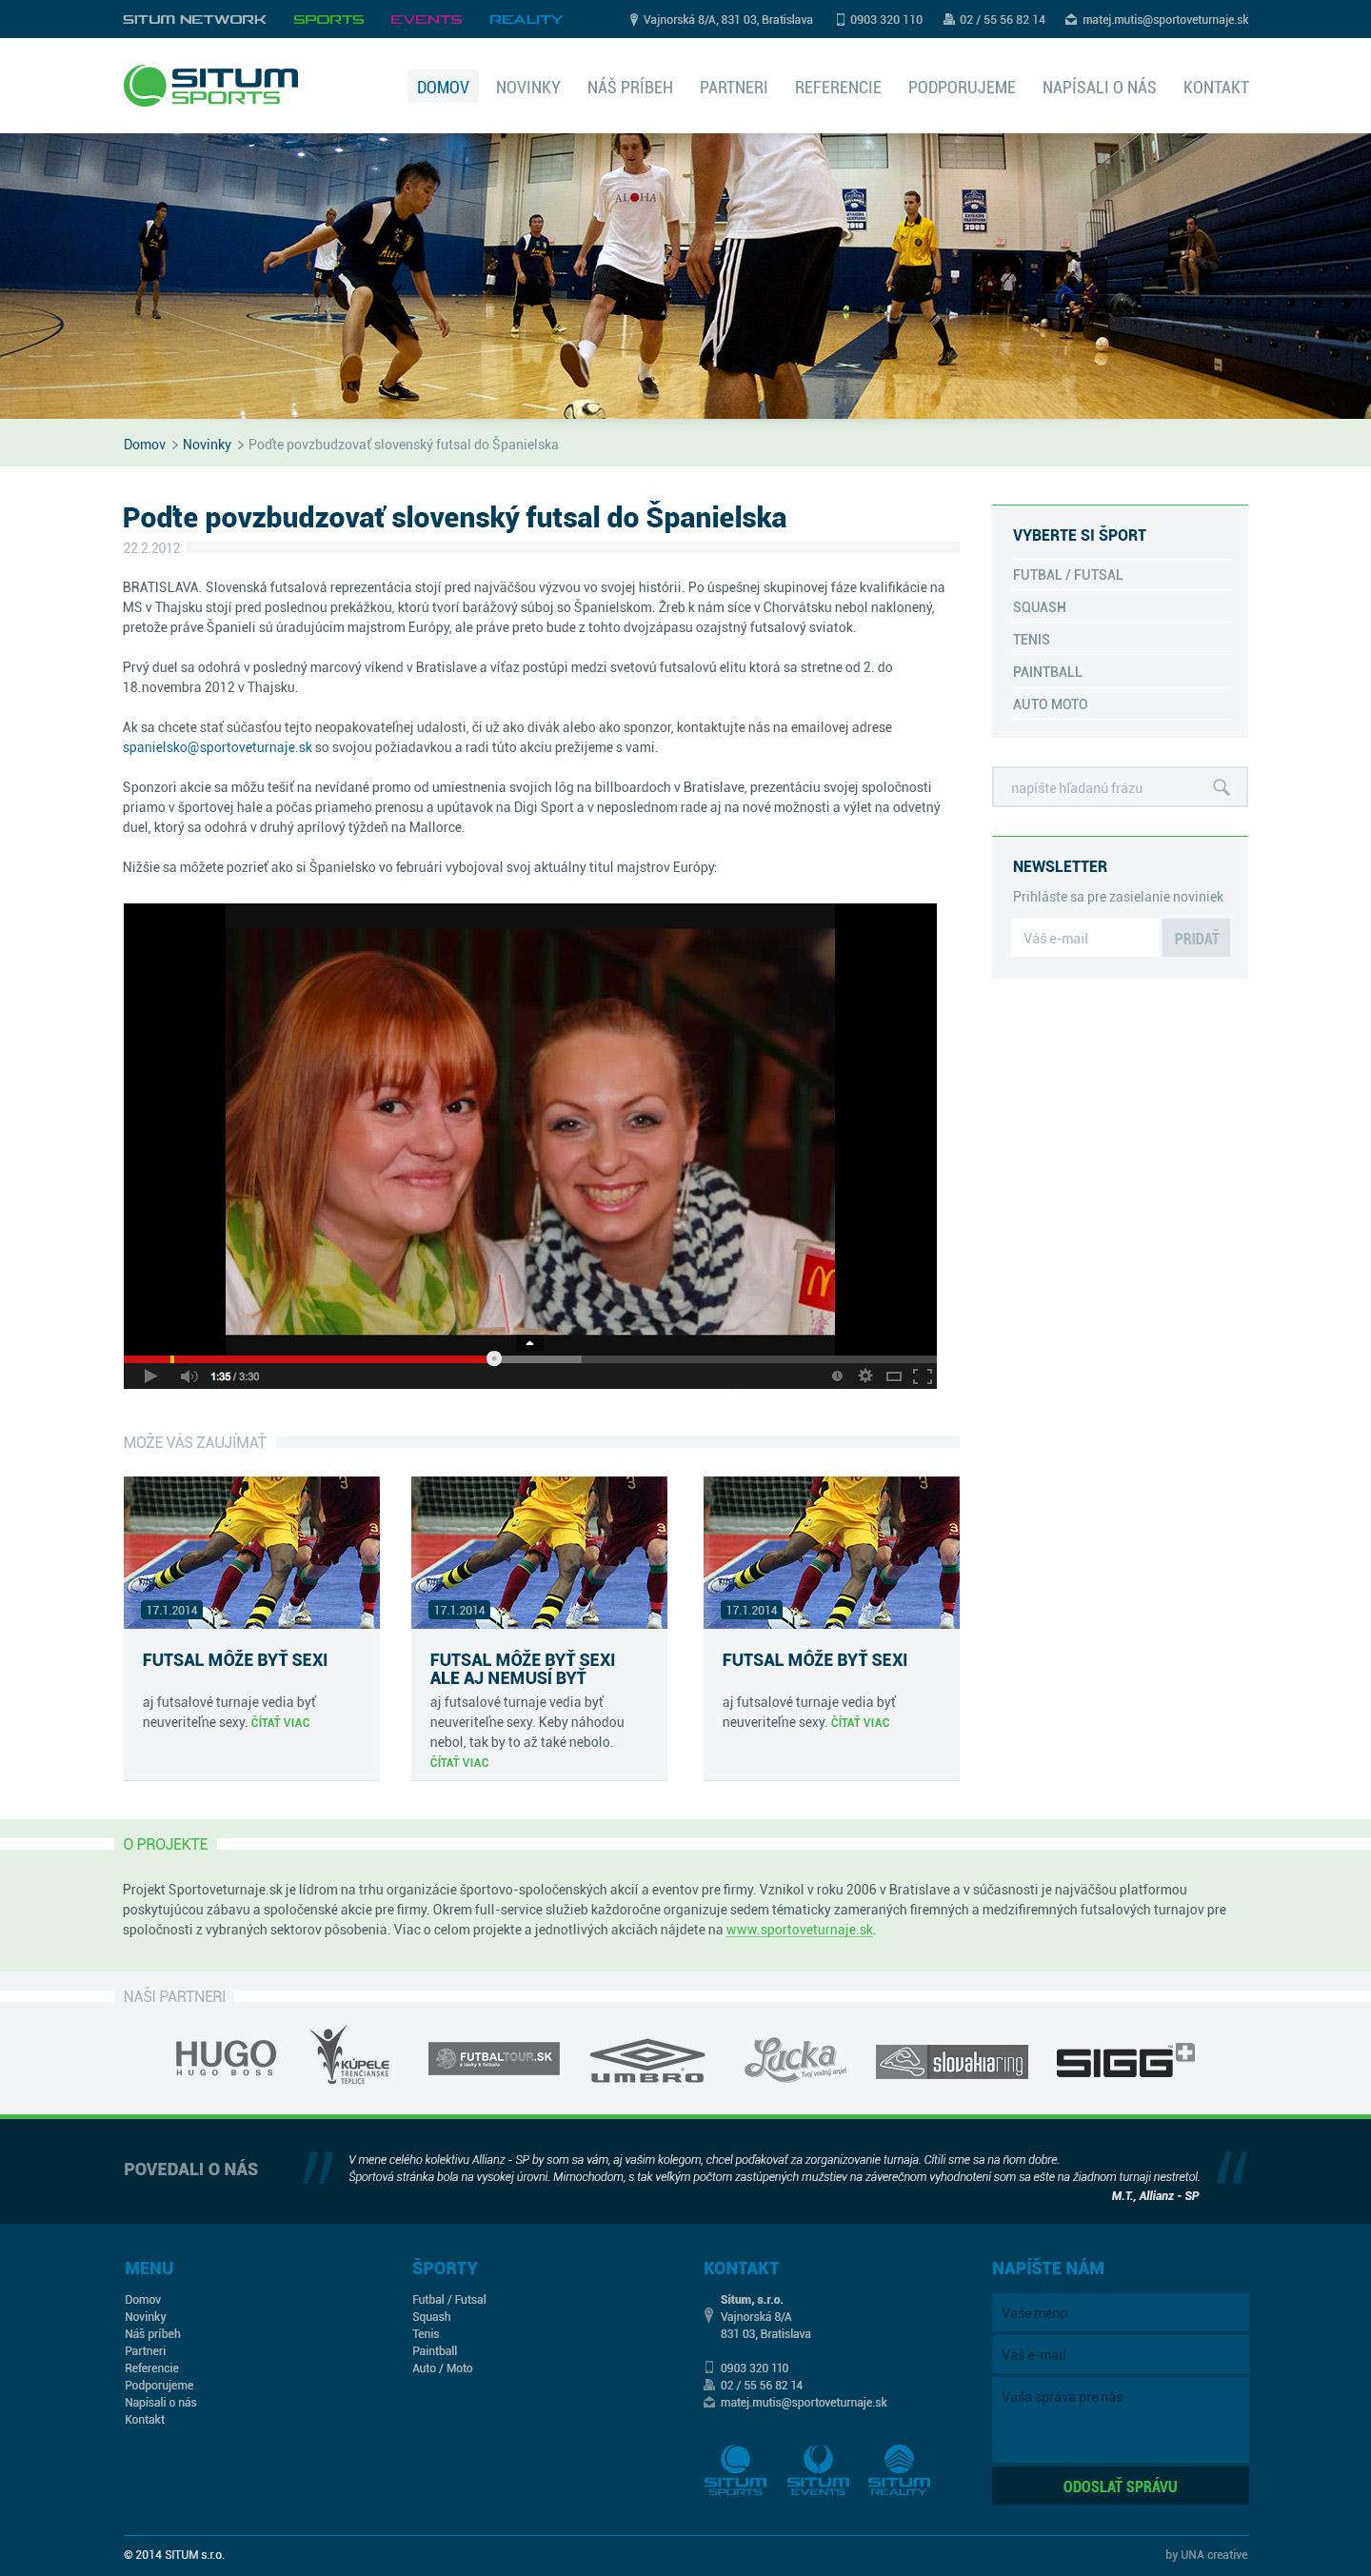 Situmsports.sk - detail novinky